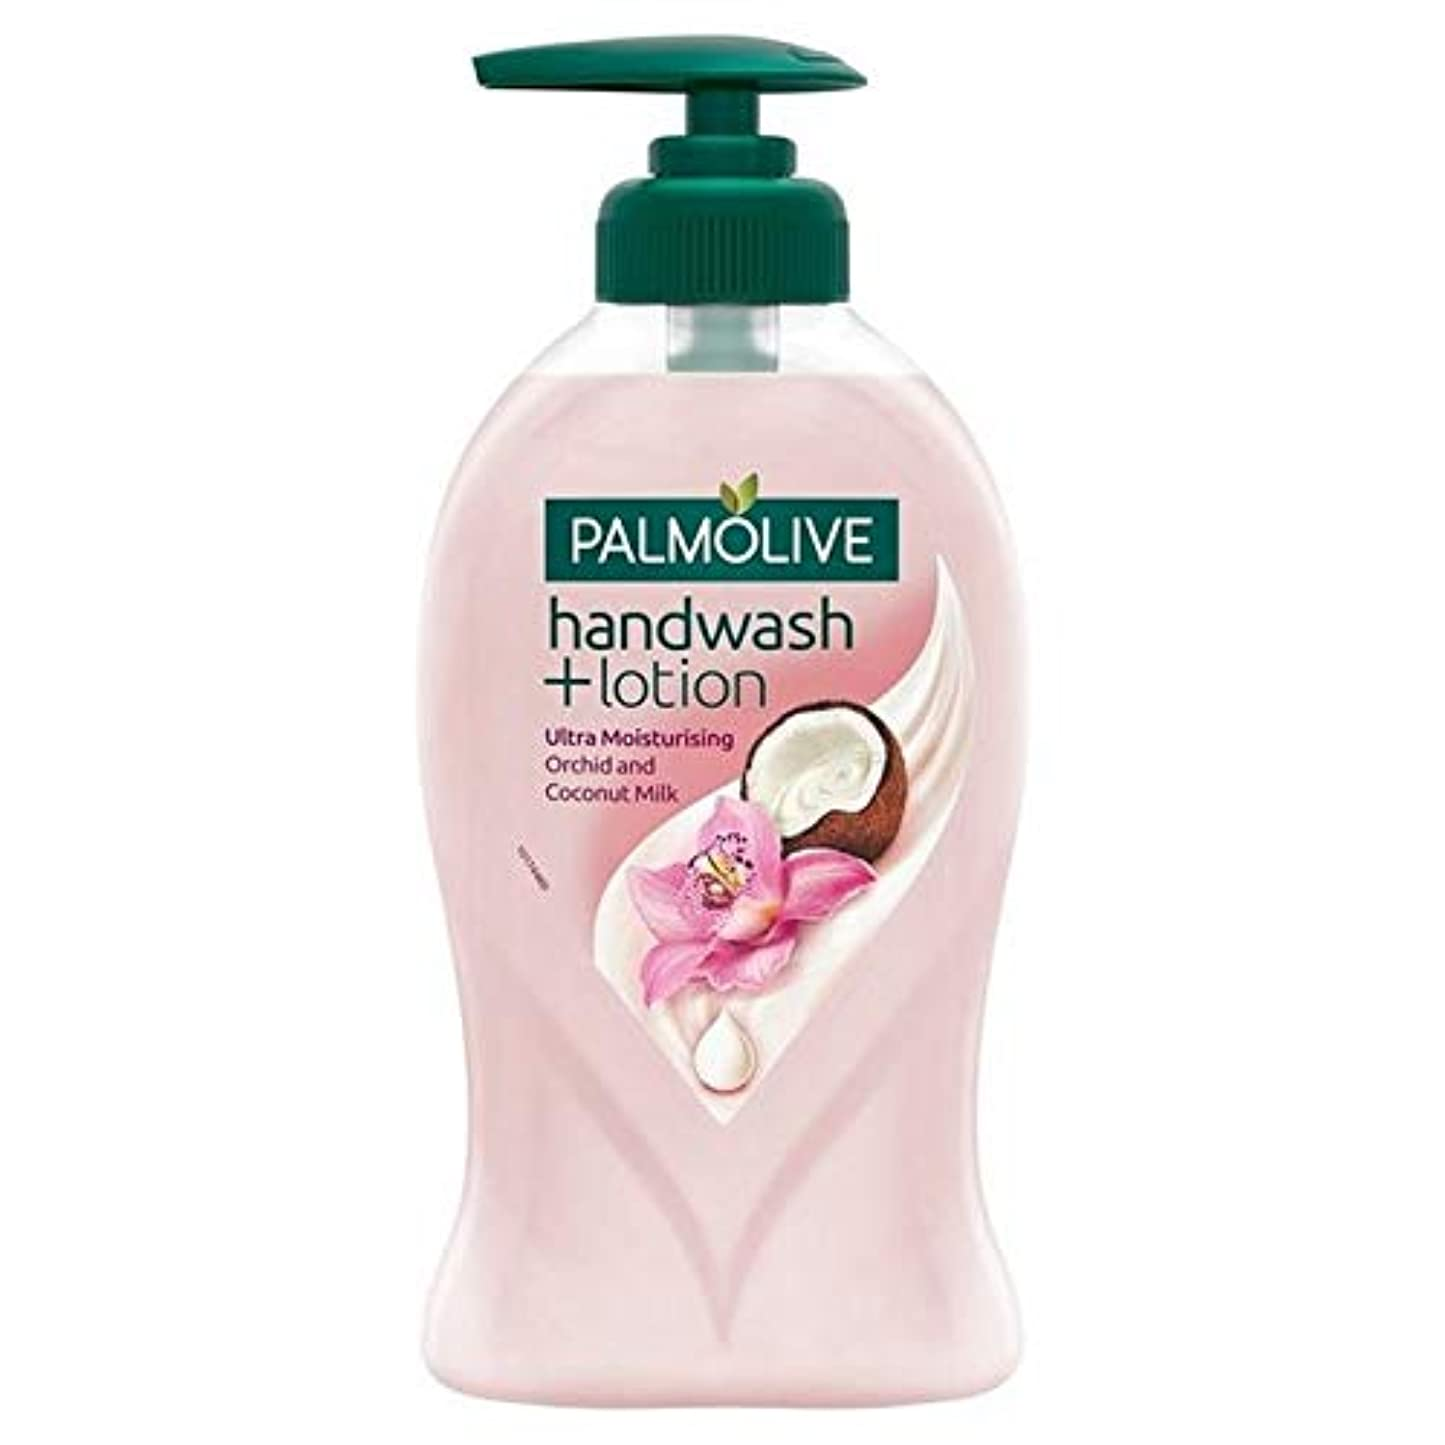 洗剤資金結紮[Palmolive ] Palmolive社手洗い+ローション蘭&ココナッツミルク250ミリリットル - Palmolive Handwash + Lotion Orchid & Coconut Milk 250ml...